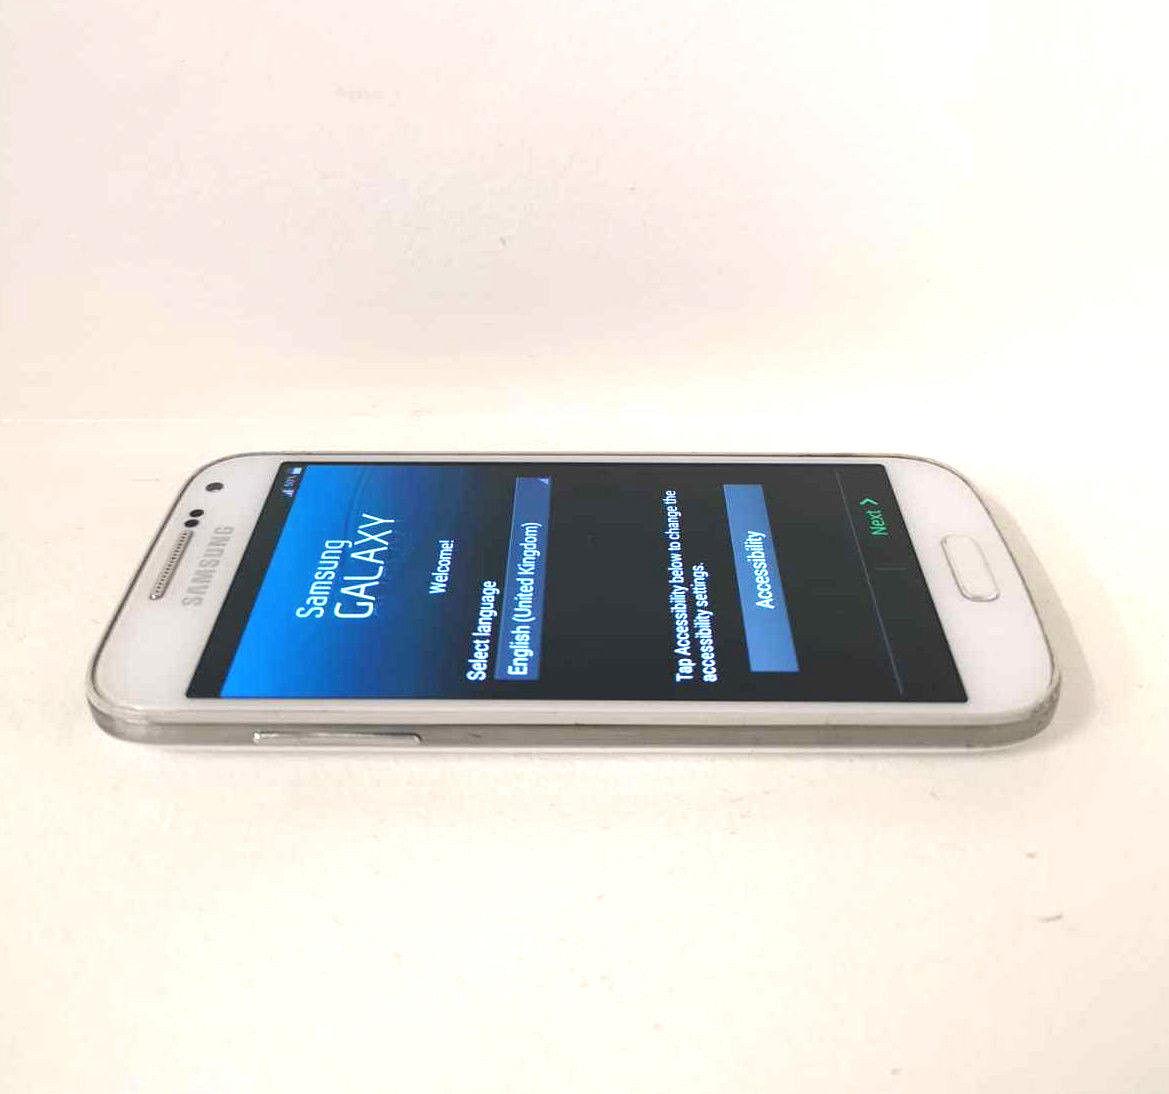 Galaxy-S4-Mini - 135477